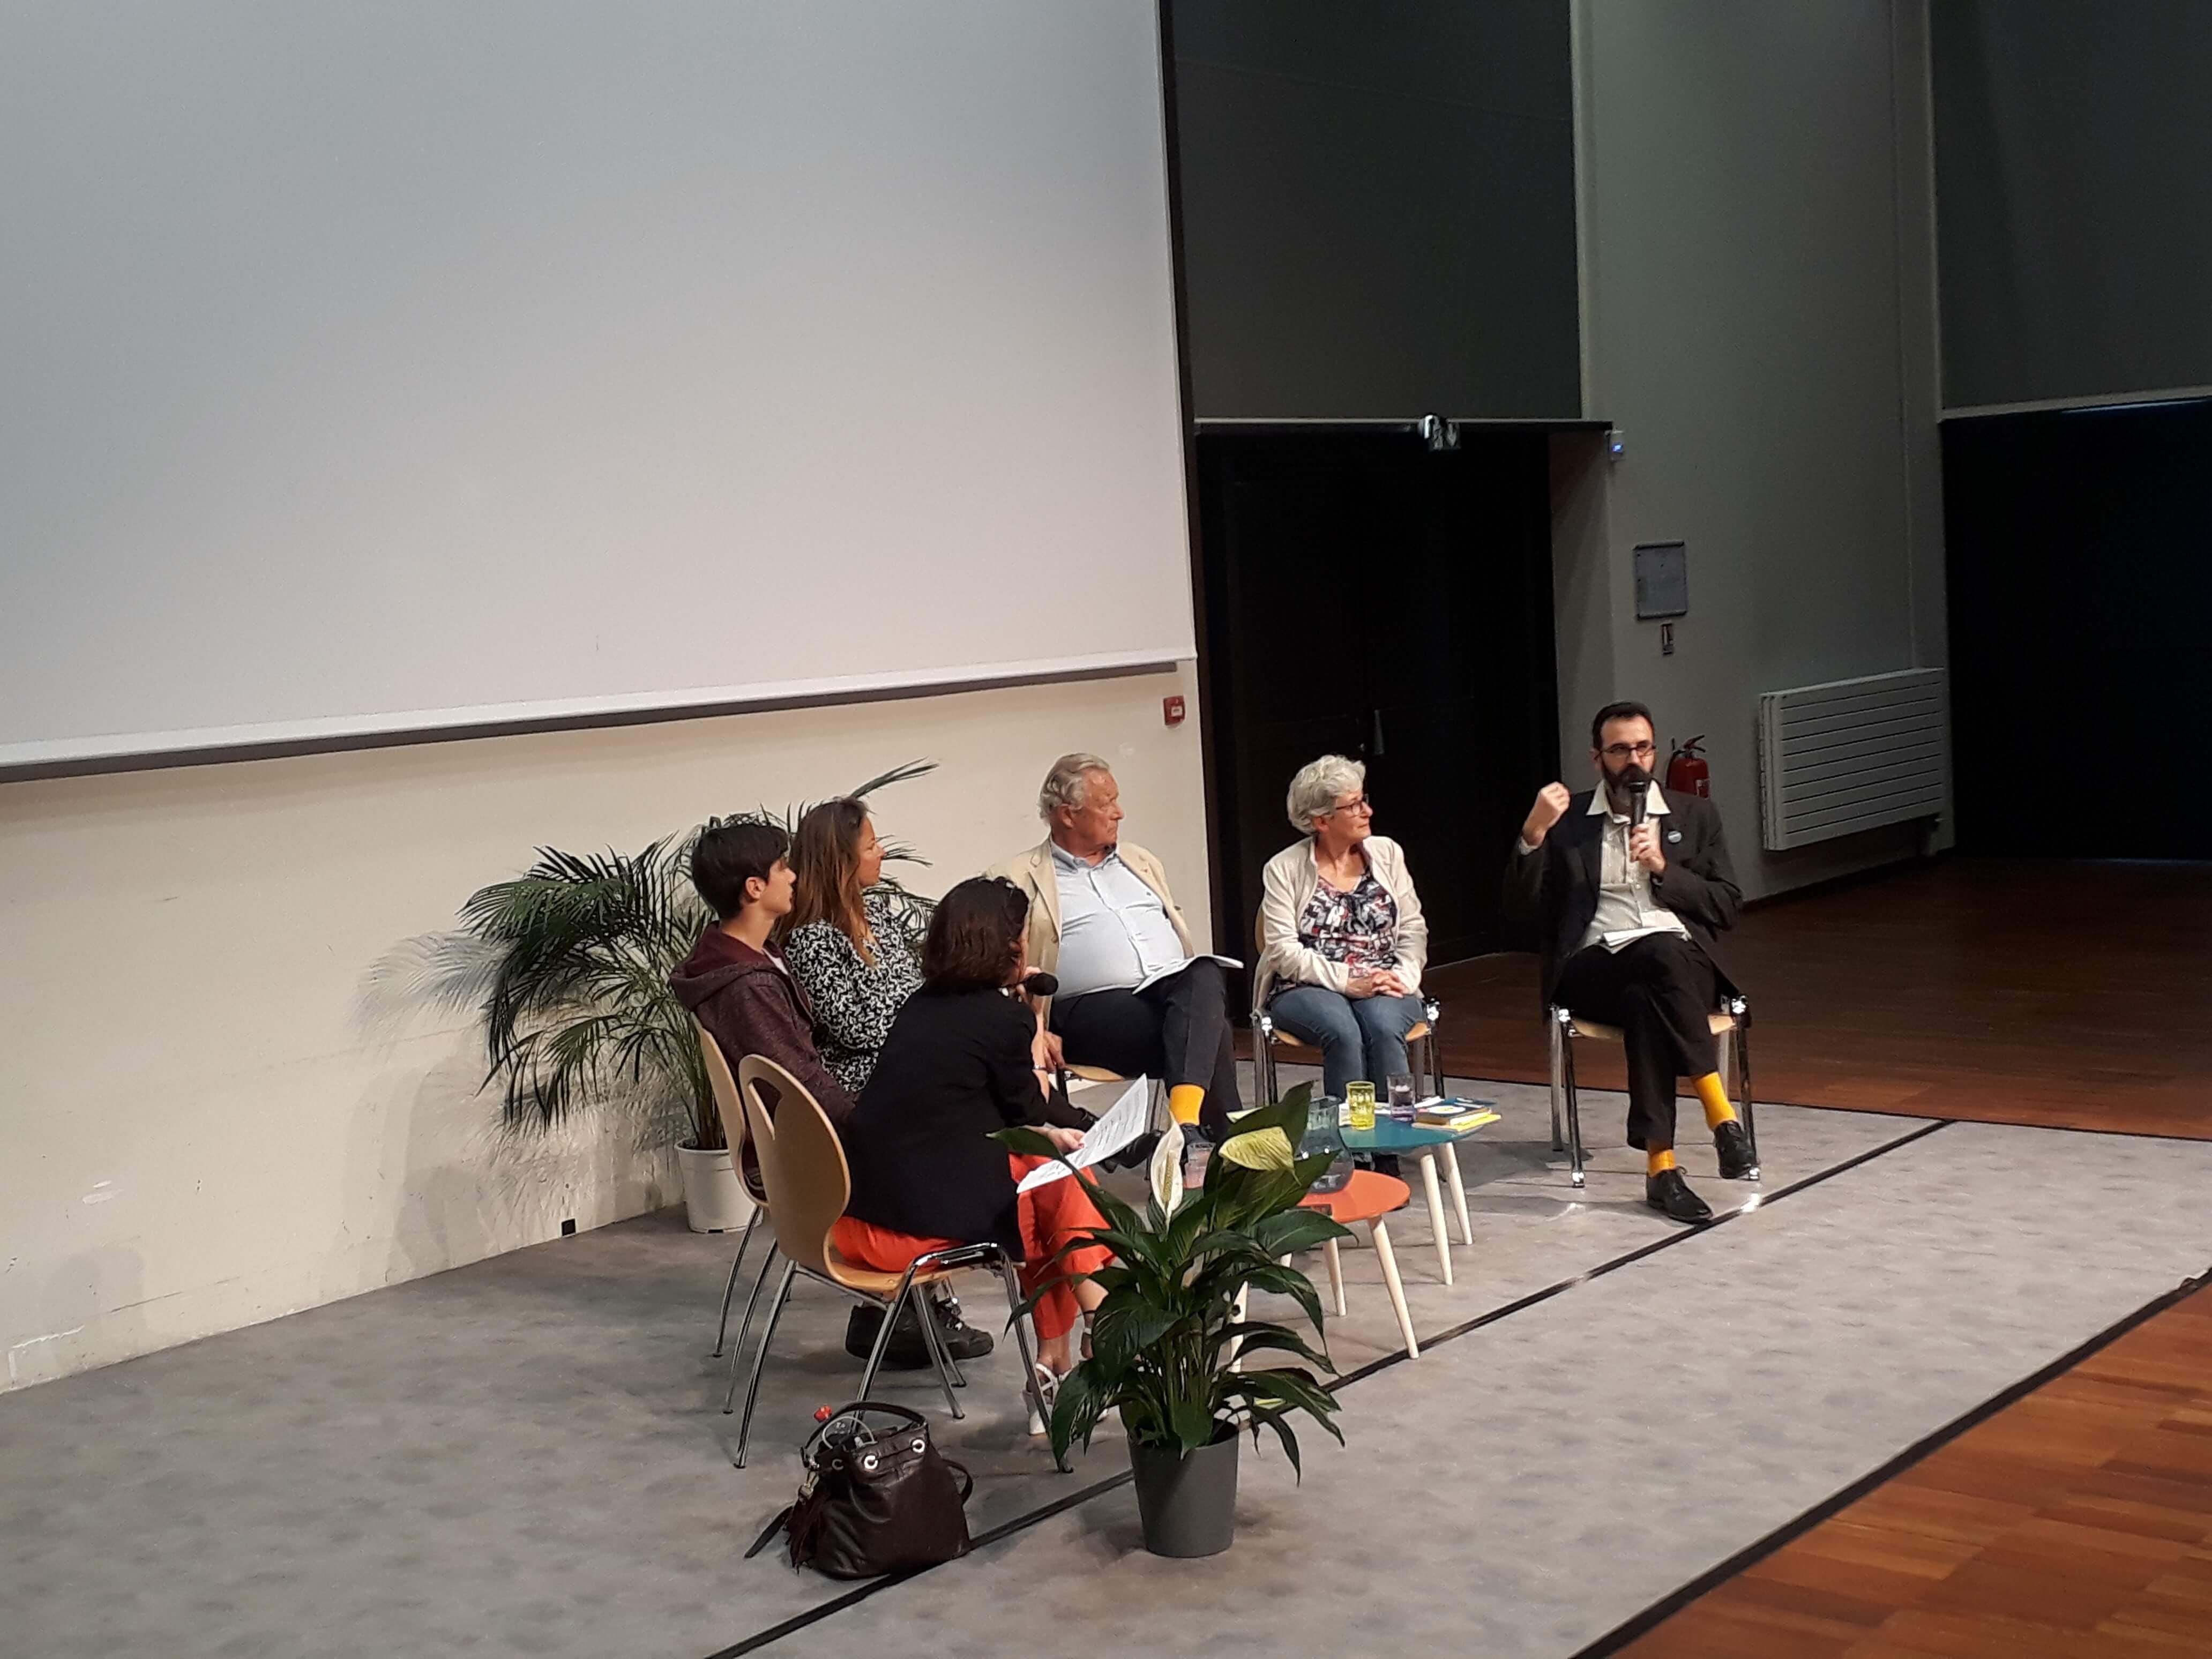 Enercoop Paca - Vie coopérative - Assemblée Générale AG 2019 - Biot 06 - Table ronde ouverture